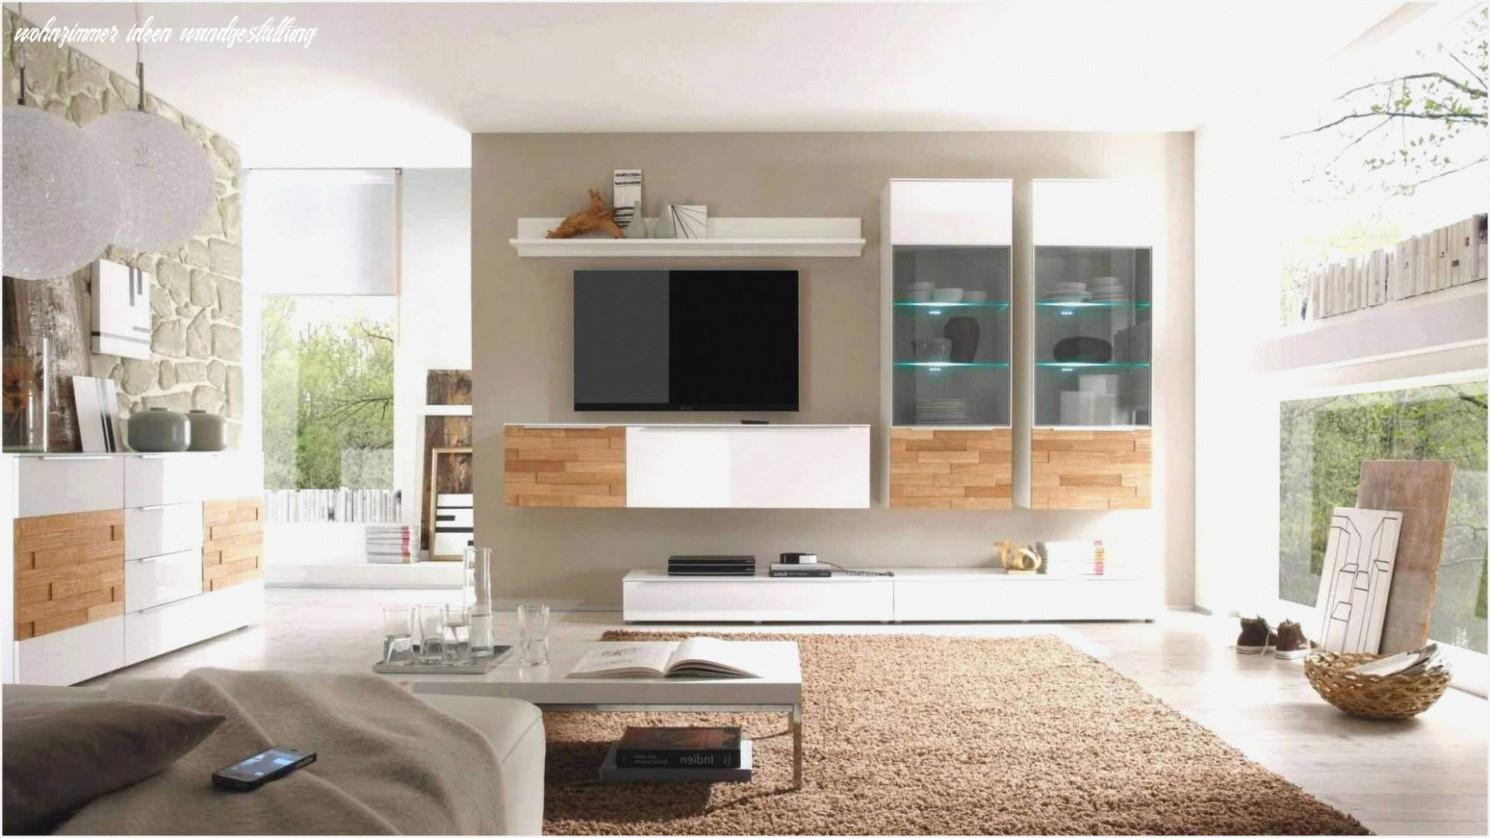 Ist Wohnzimmer Ideen Wandgestaltung Jetzt Die Angesagteste von Wohnzimmer Ideen Wandgestaltung Bild